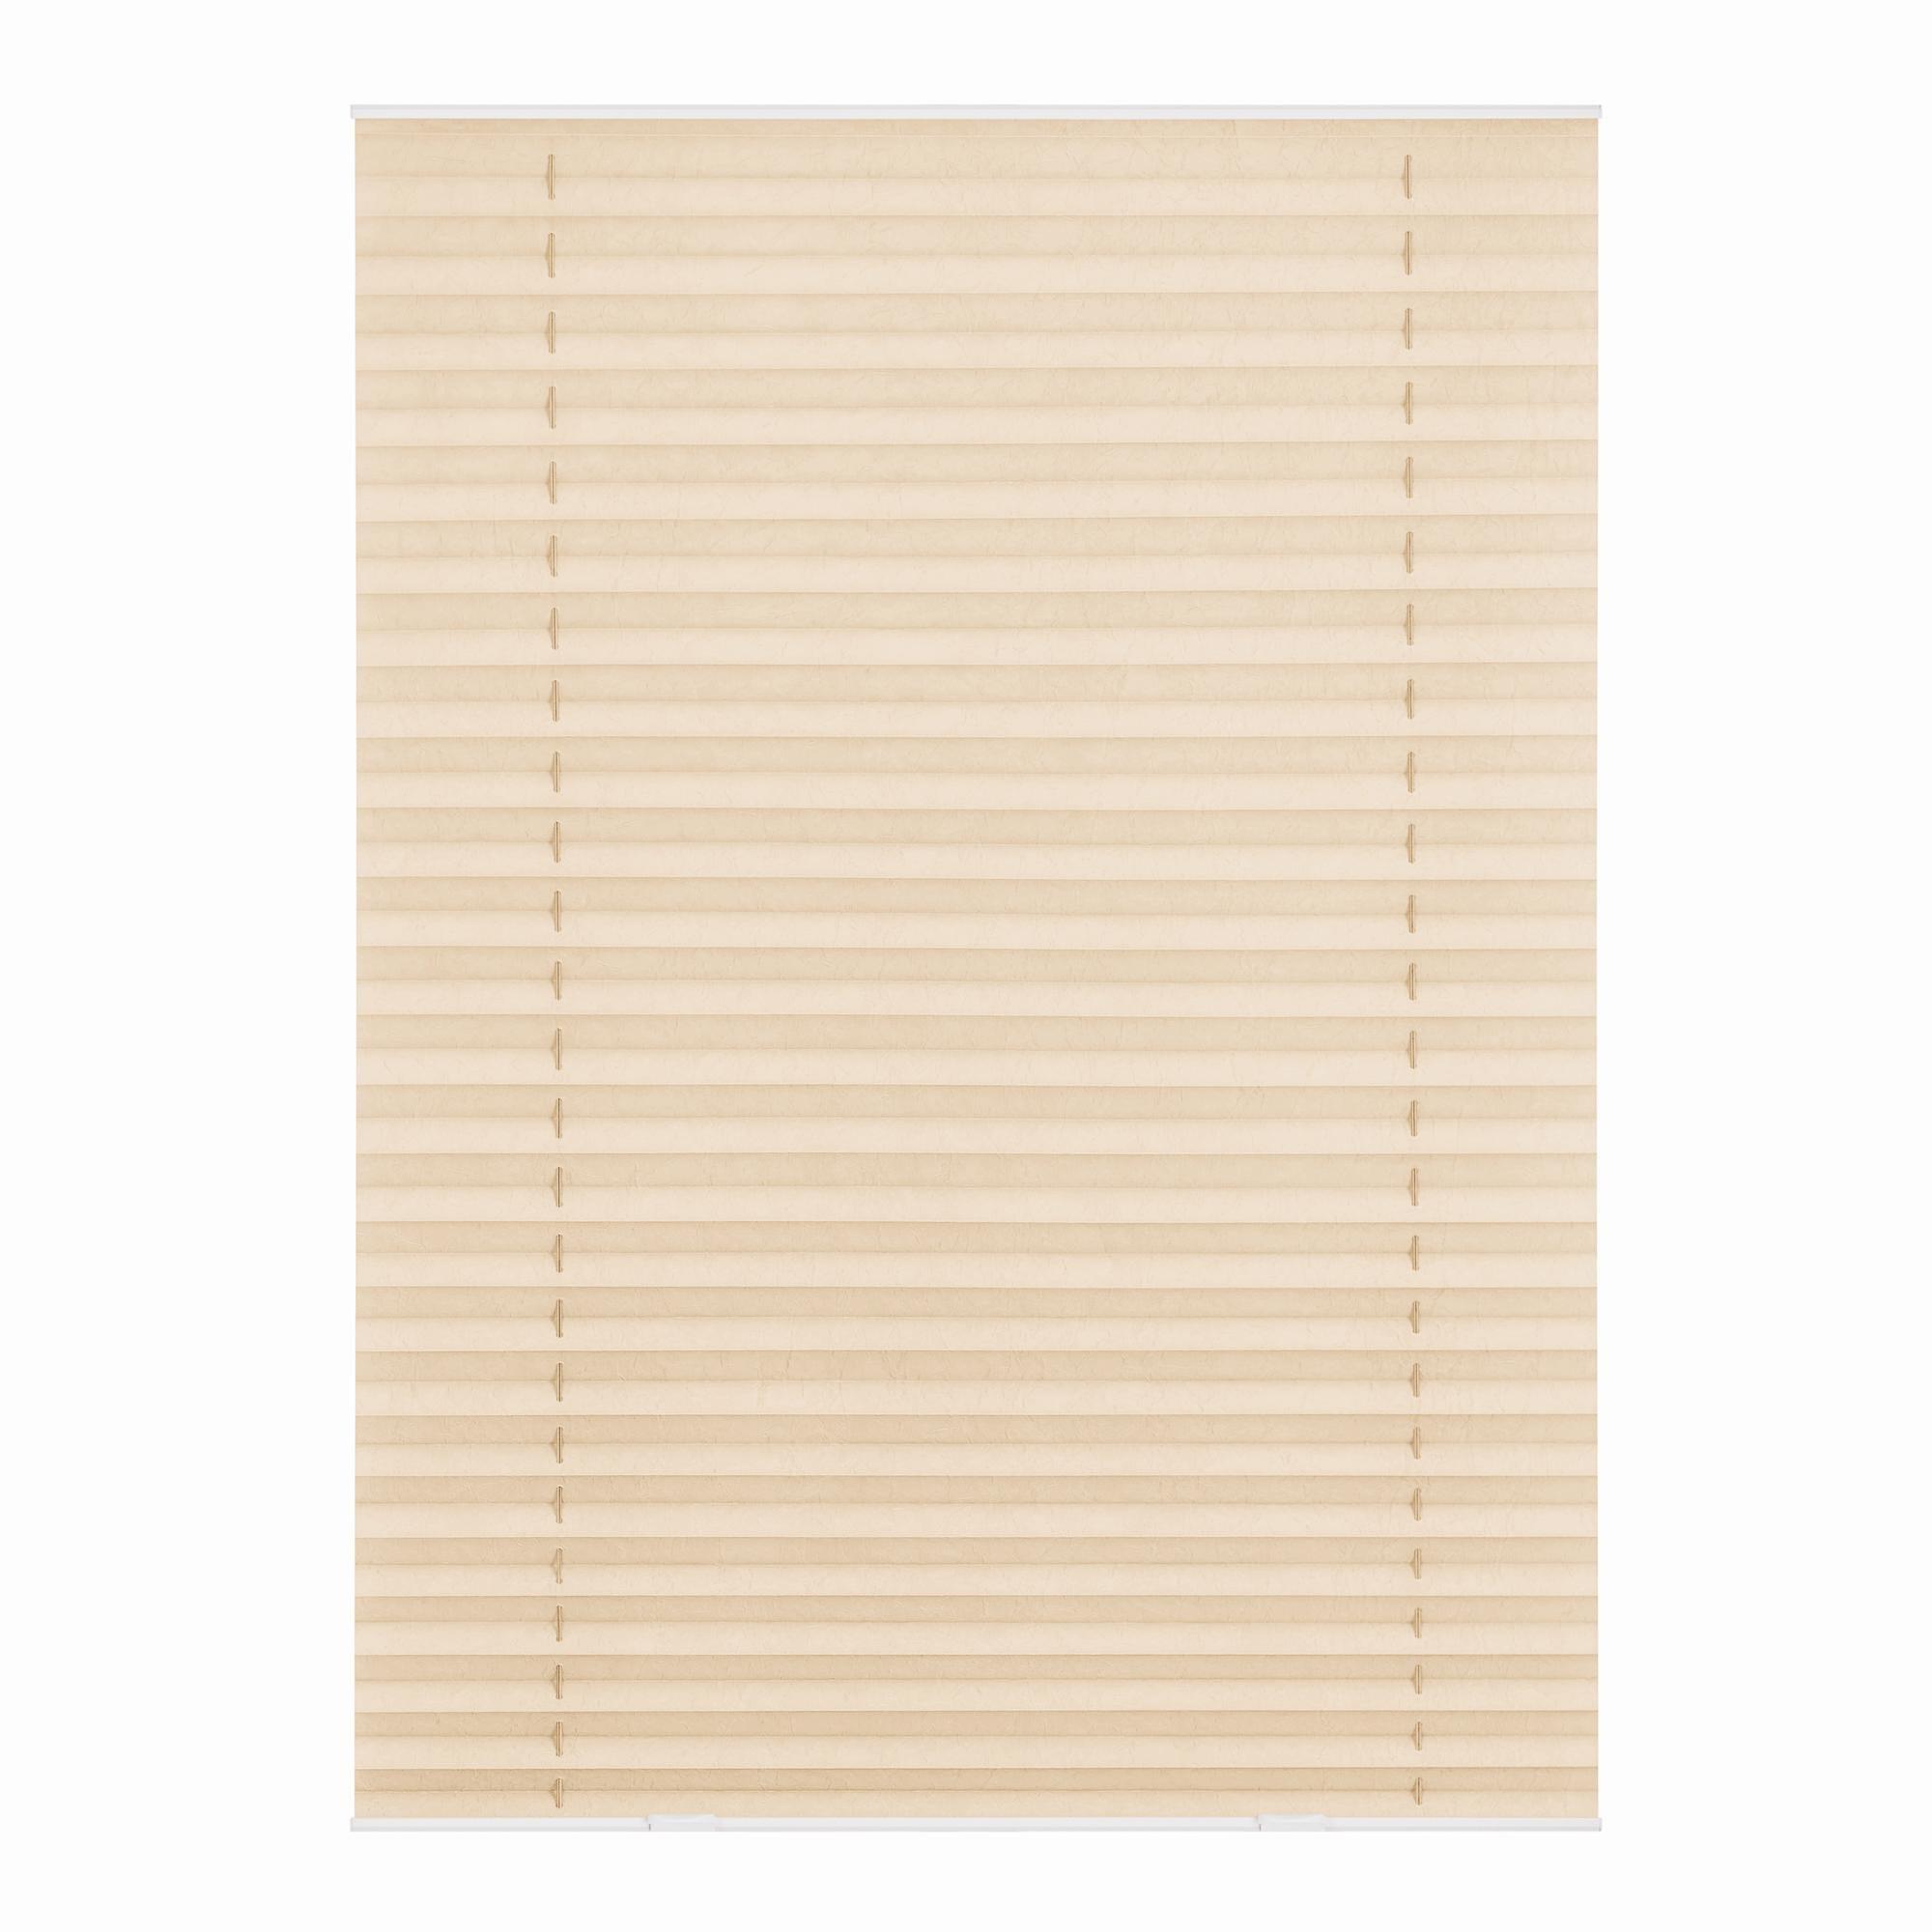 Dachfensterplissee Haftfix LICHTBLICK Lichtschutz ohne Bohren verspannt Wohnen/Wohntextilien/Rollos & Jalousien/Plissees/Dachfensterplissees